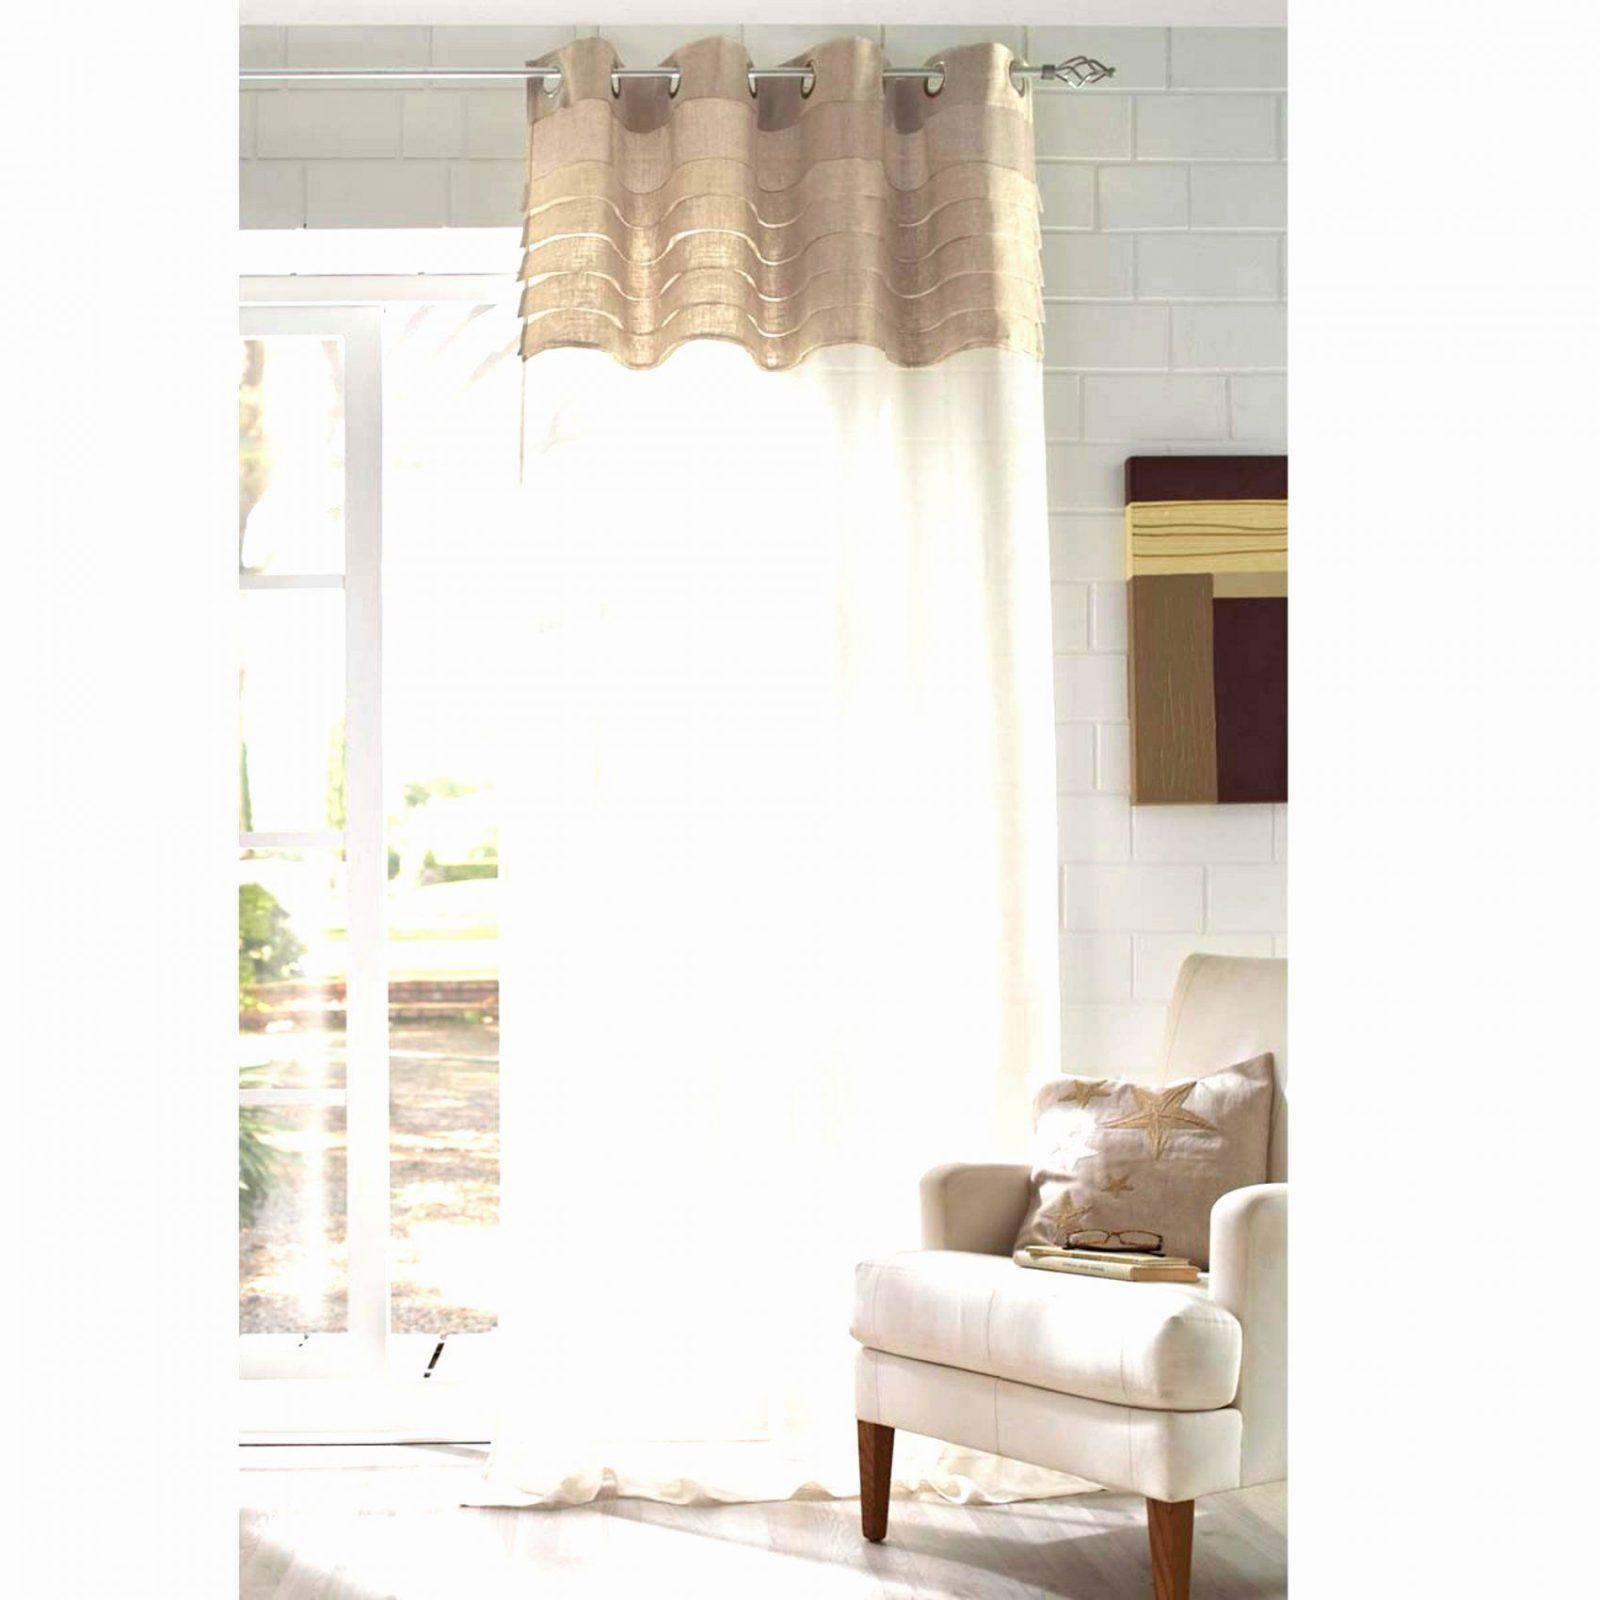 f nf h ufige fehler die jeder in. Black Bedroom Furniture Sets. Home Design Ideas